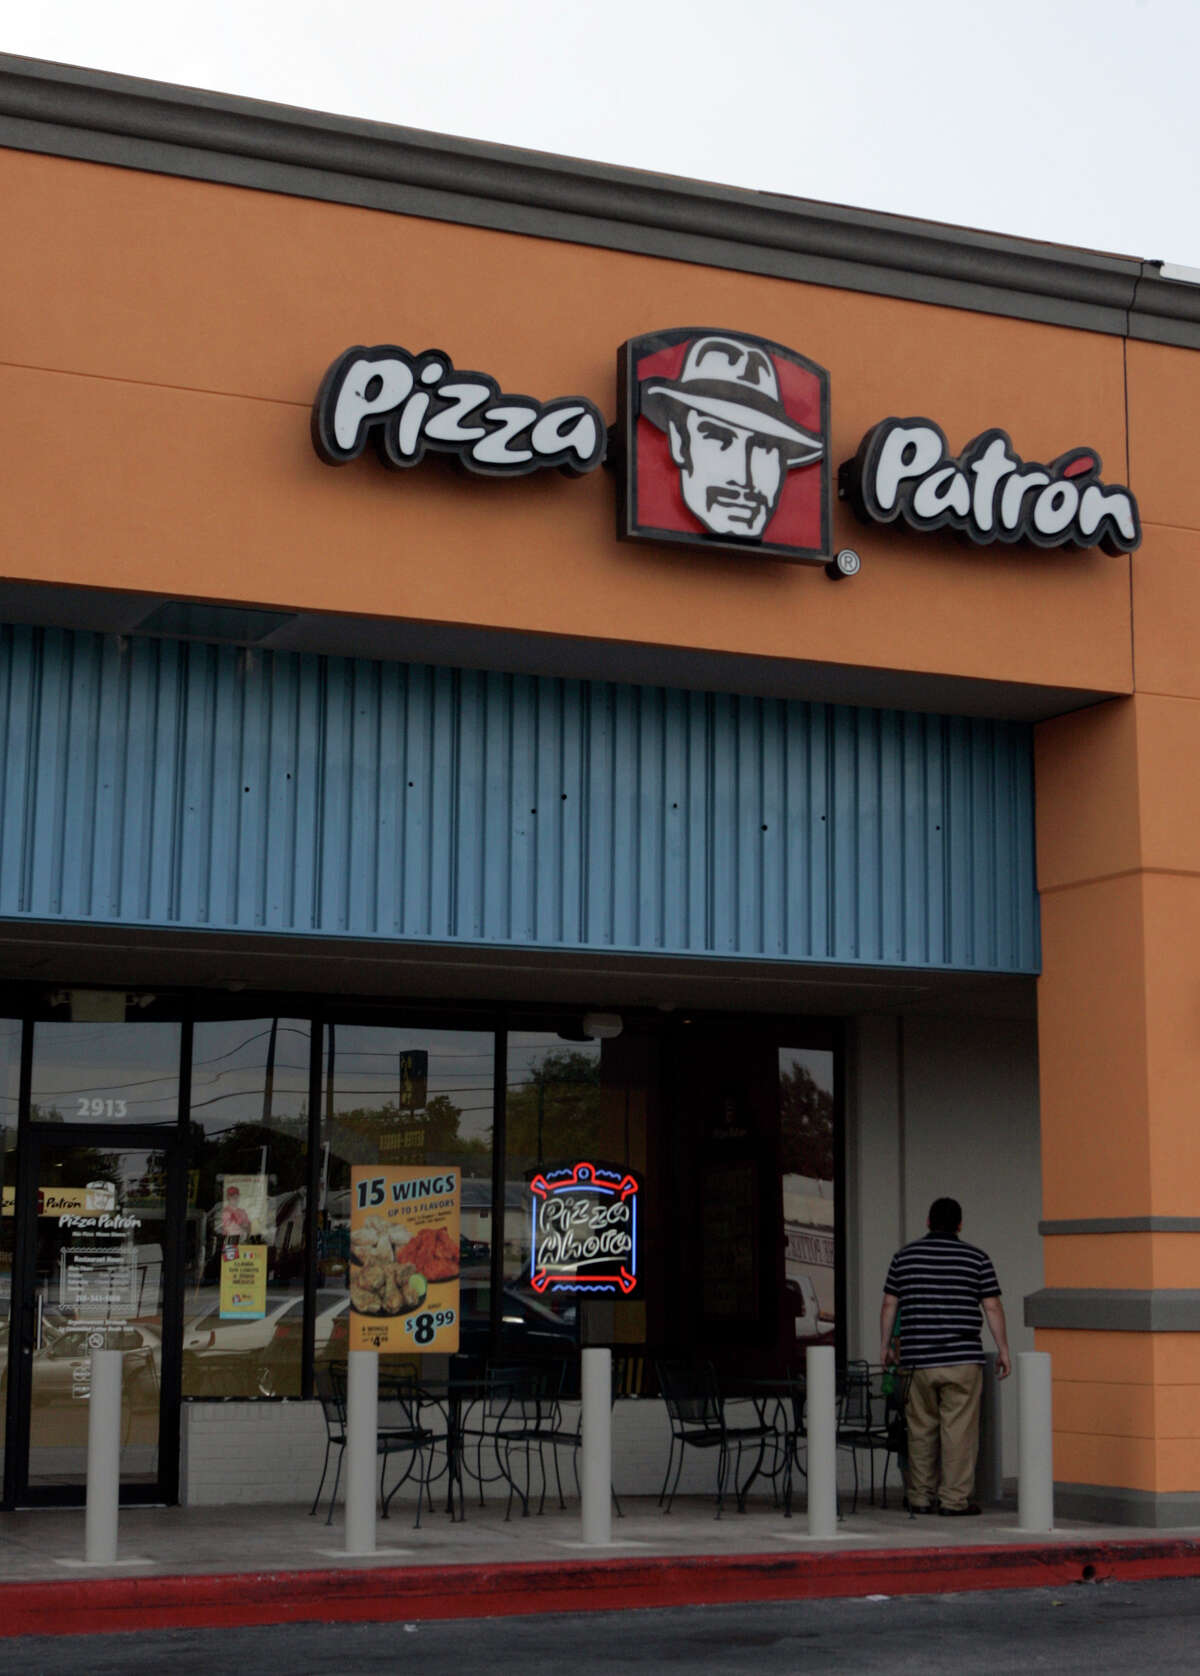 Pizza Patron #88: 3116 Nogalitos St. Date: 03/06/2017